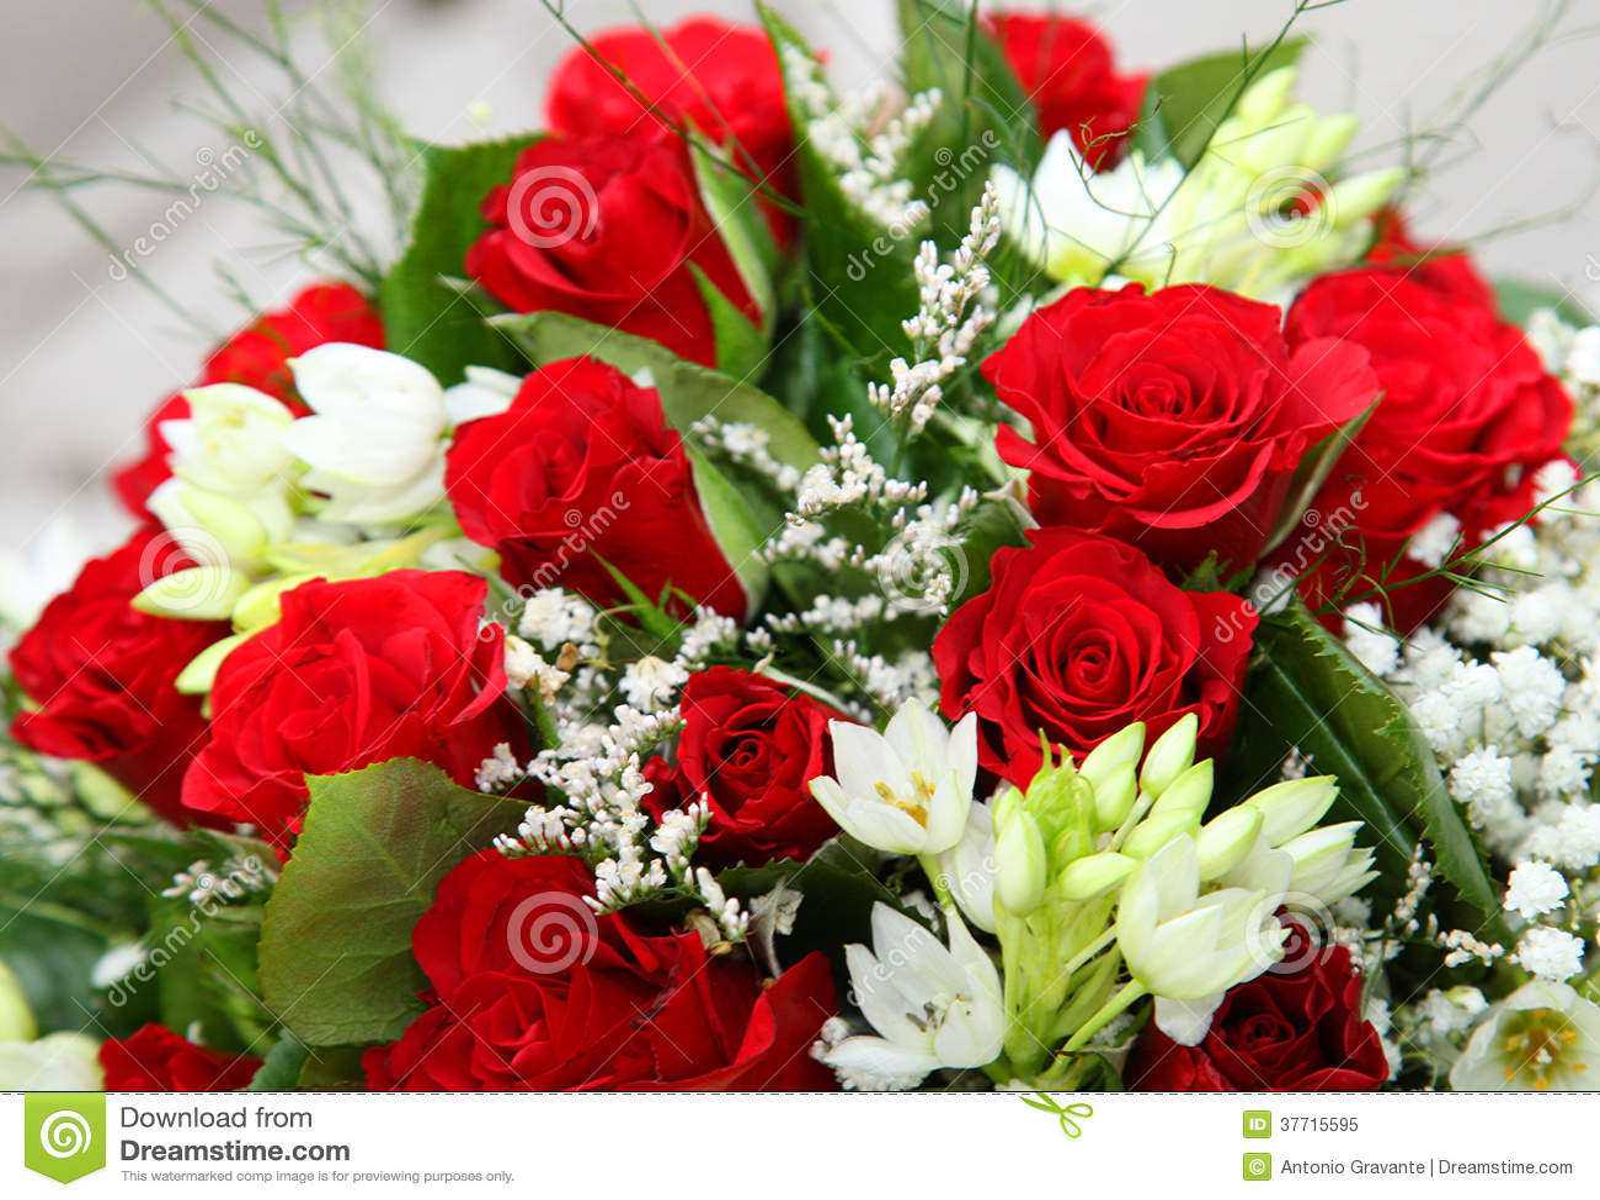 bouquet de fleur des roses rouges photo libre de droits image 37715595. Black Bedroom Furniture Sets. Home Design Ideas